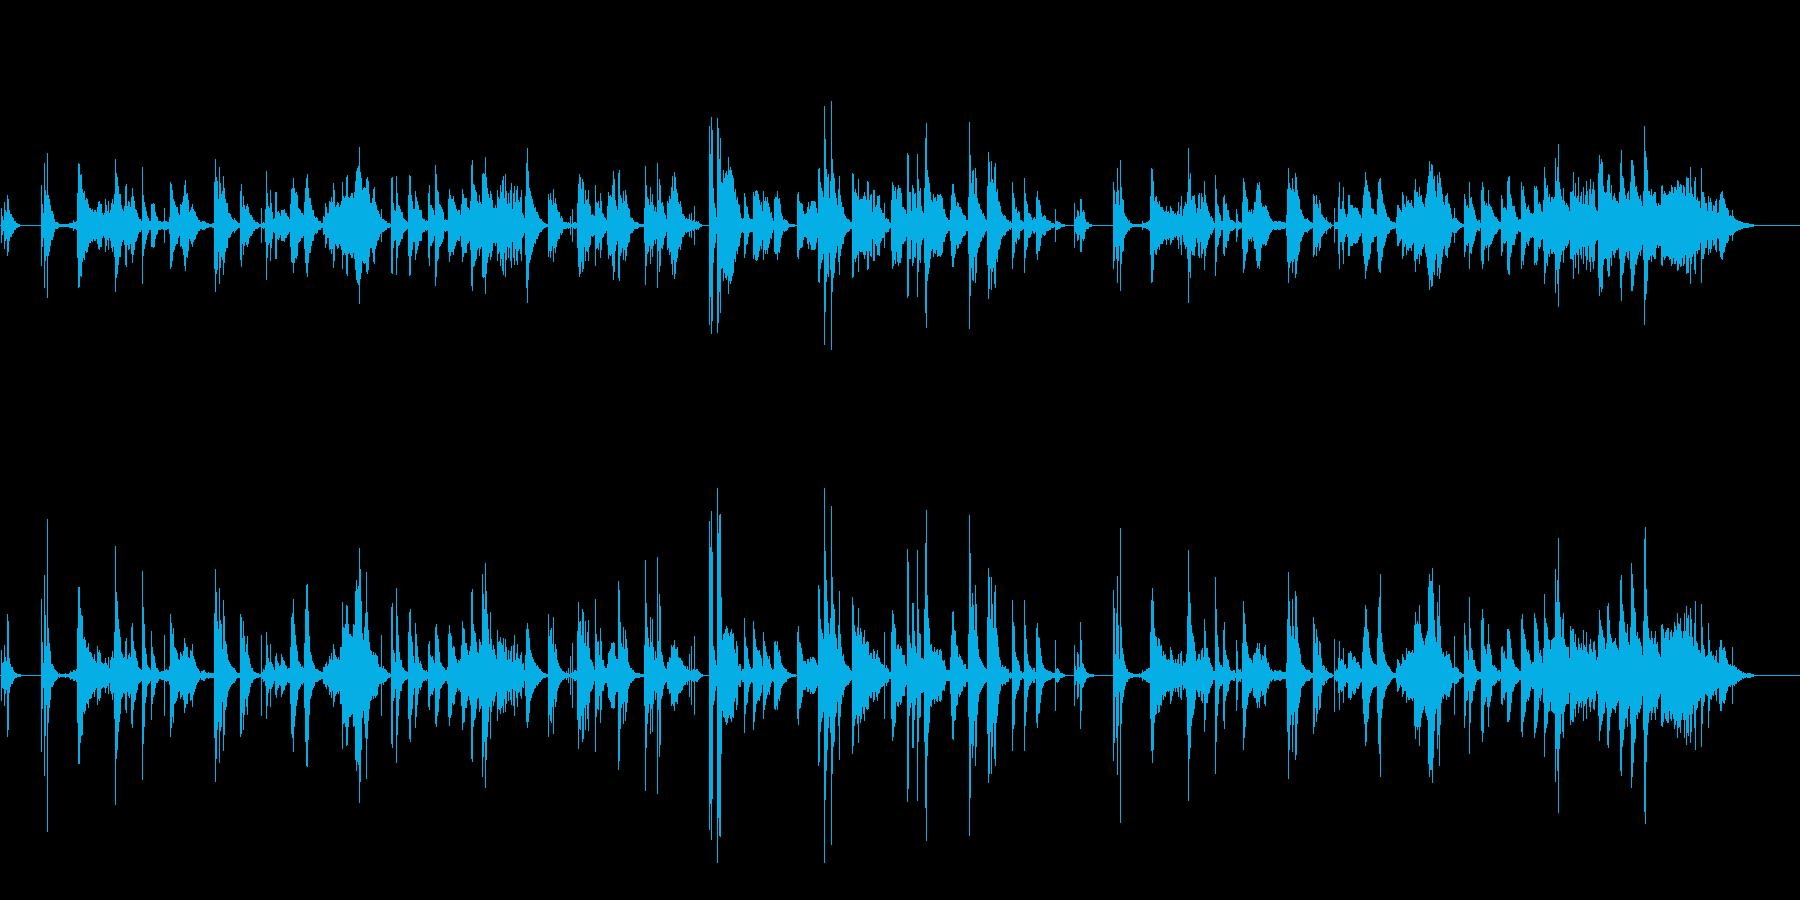 ゆらぎのα波サウンドの再生済みの波形